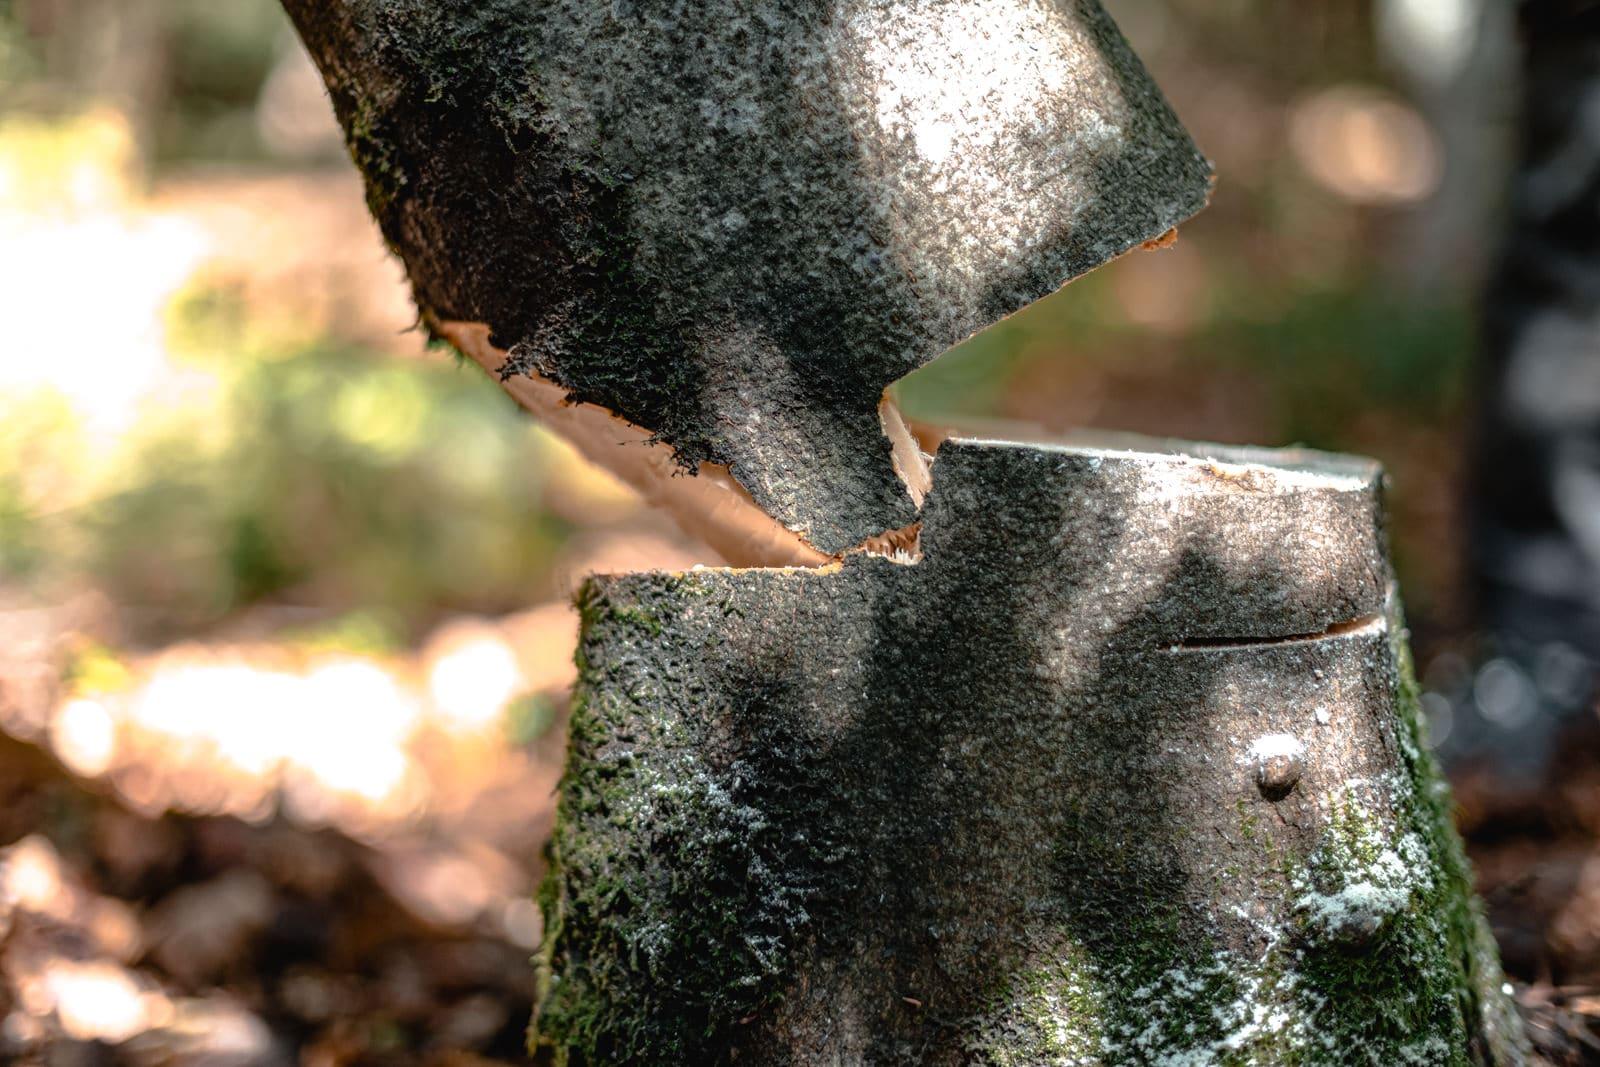 Richtiger Anschnitt eines Baumes der gerade gefällt wird